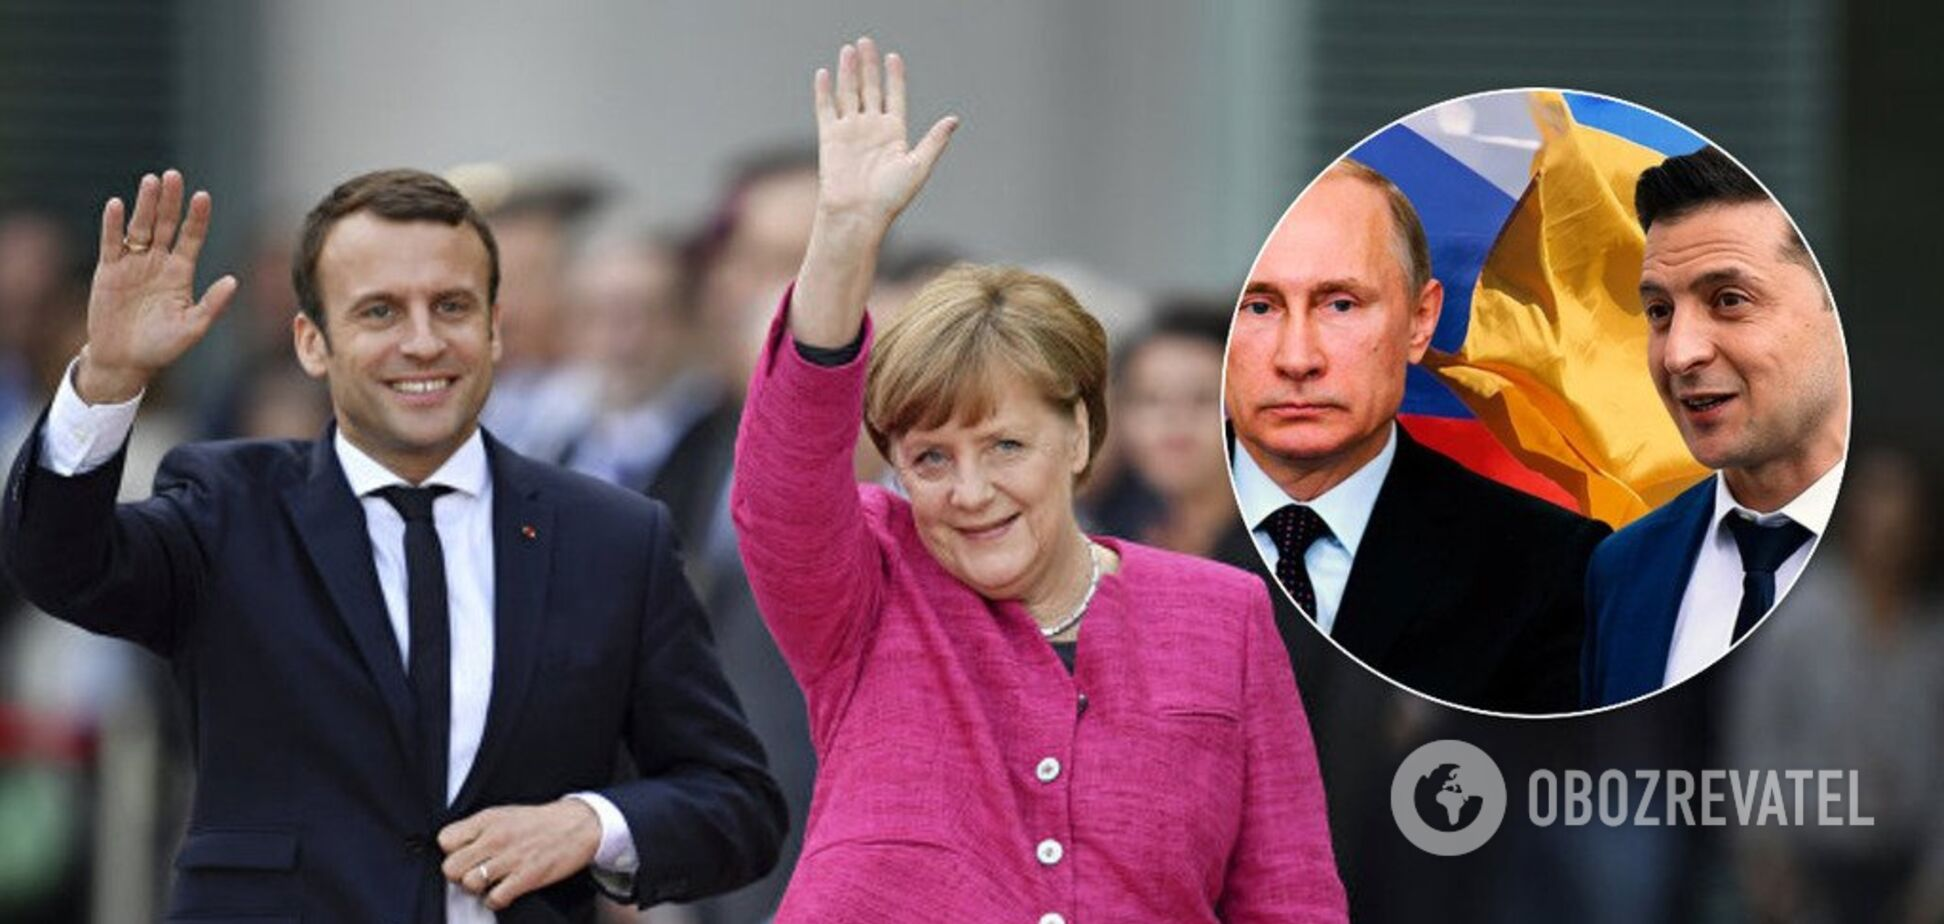 'Нормандский' саммит: названыглавные отличия от 2016 года